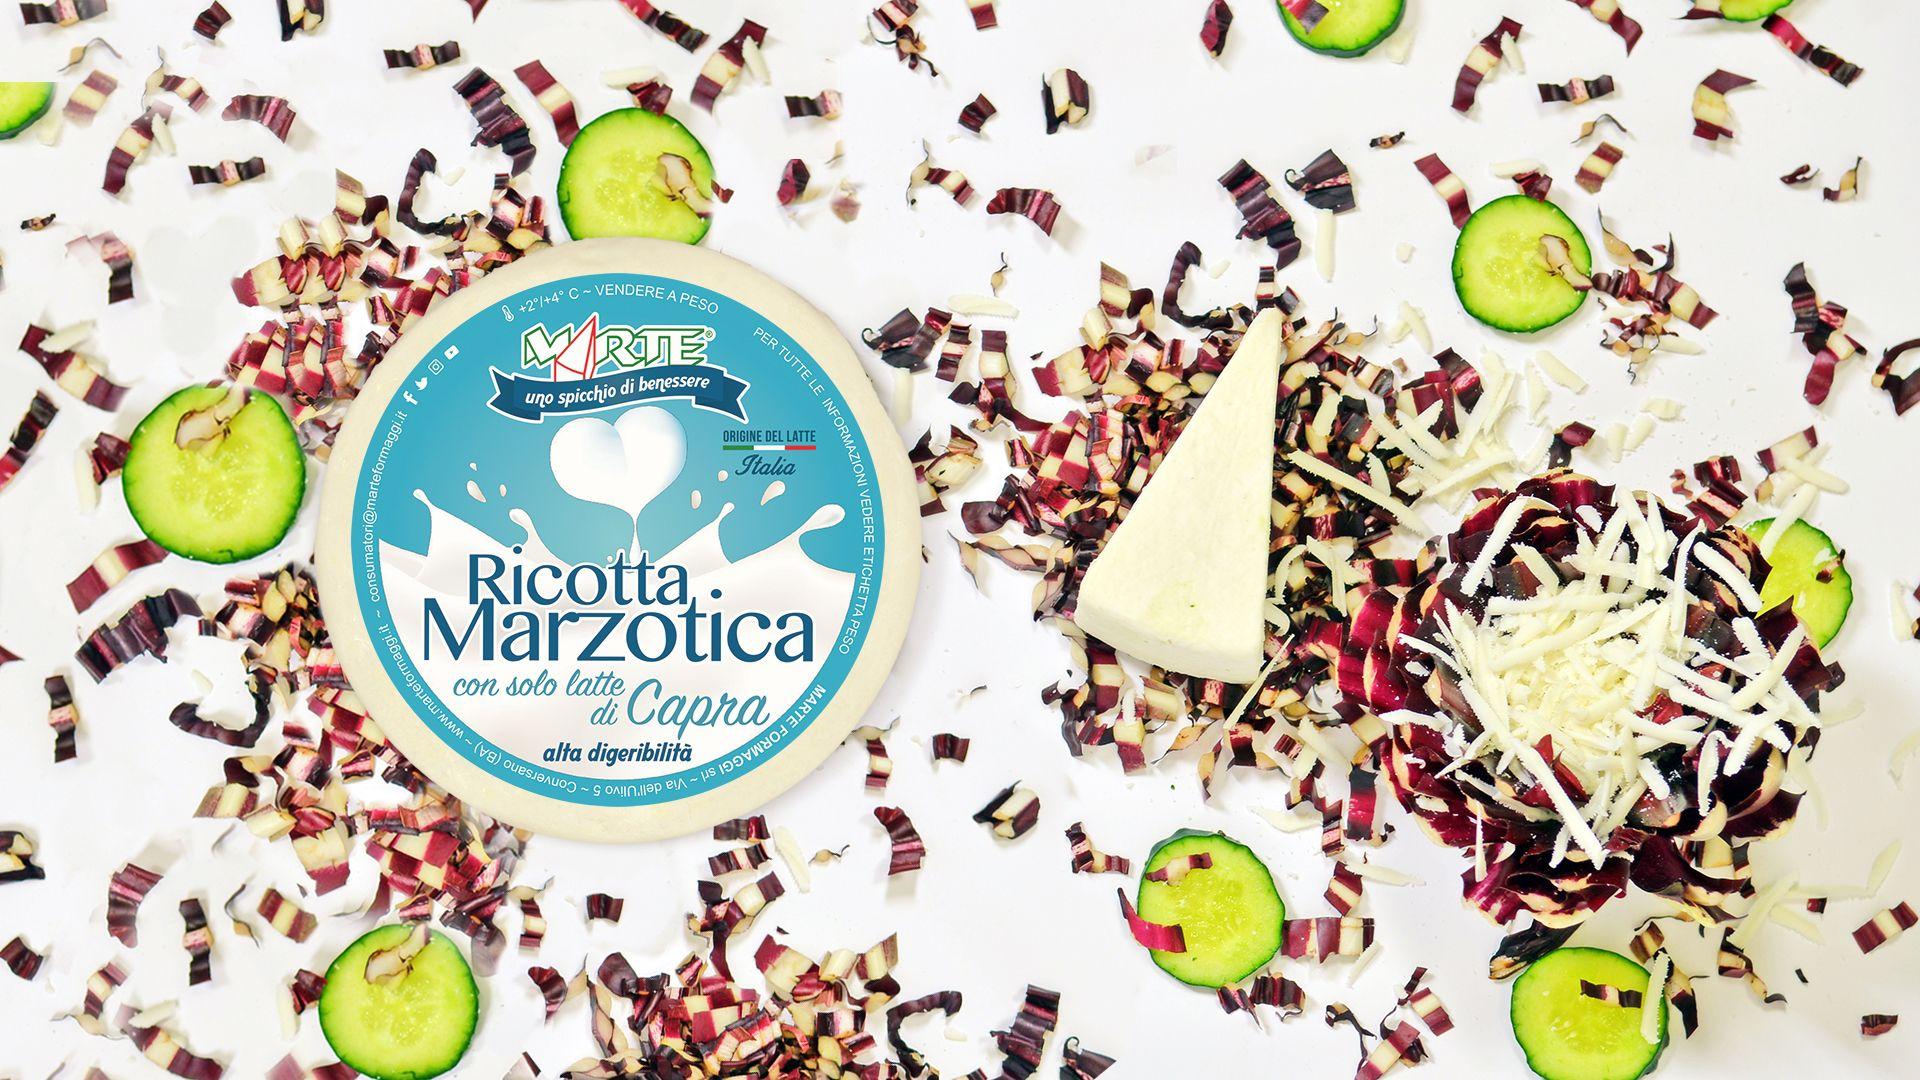 Ricotta Marzotica Toscanella di Capra